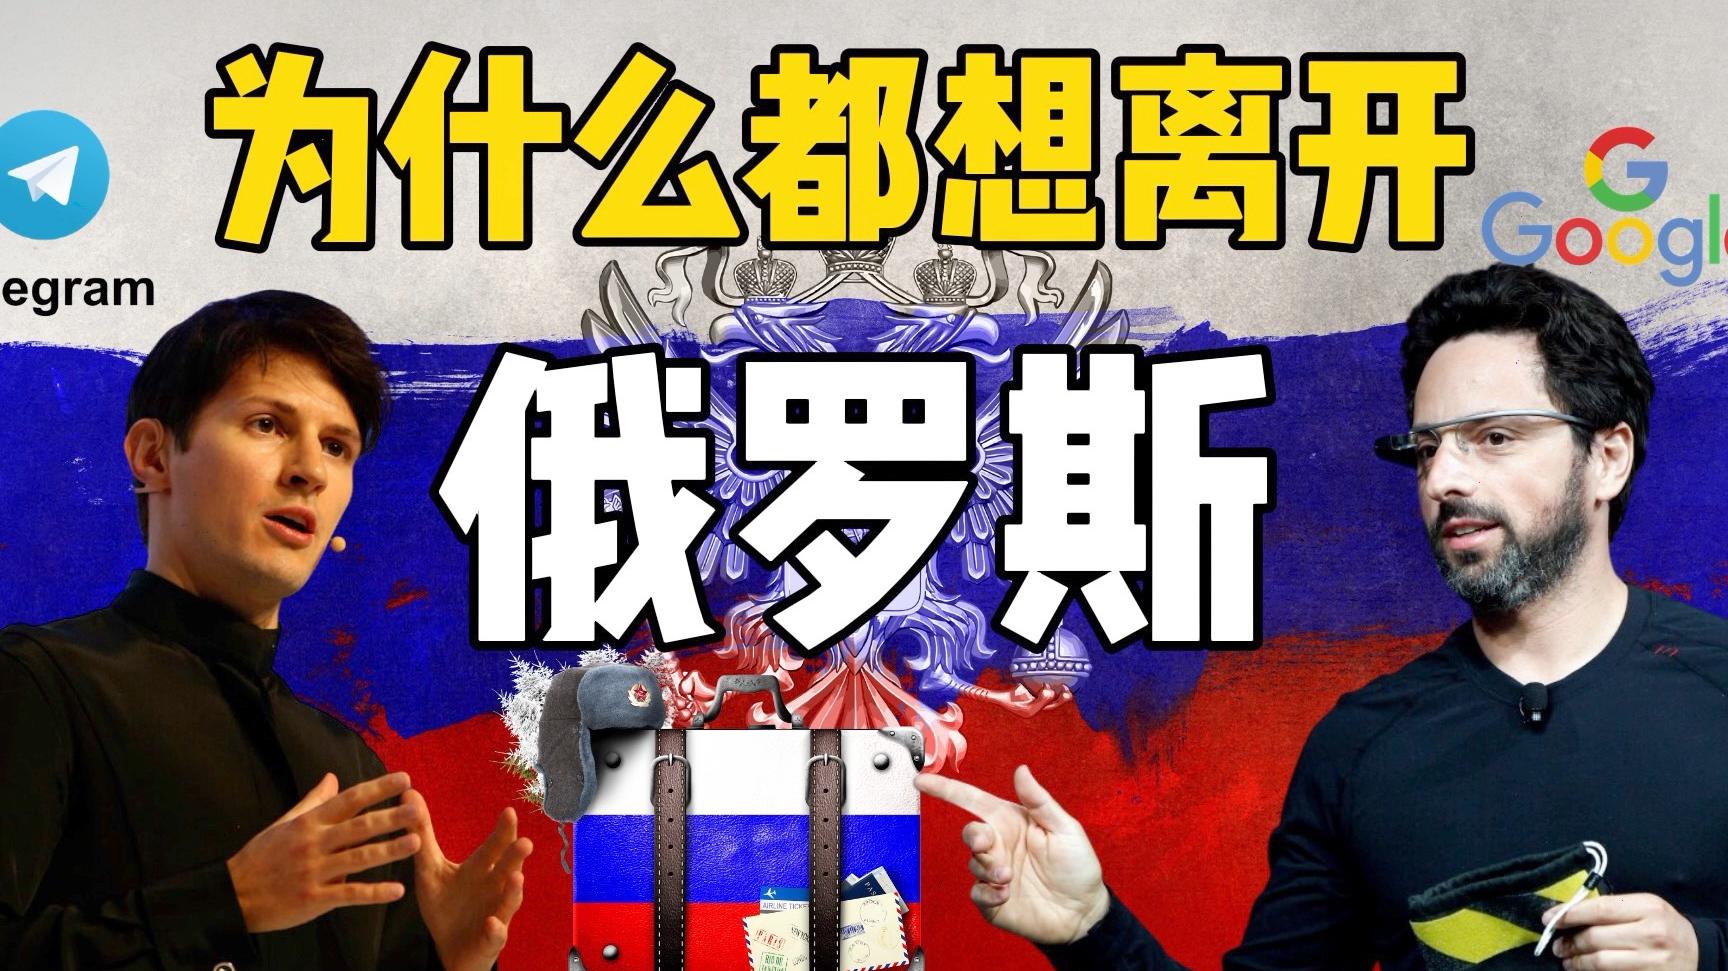 俄罗斯地大物博,为何5成以上俄罗斯人都想移民海外?人才外流严重,看普京大帝怎么办?